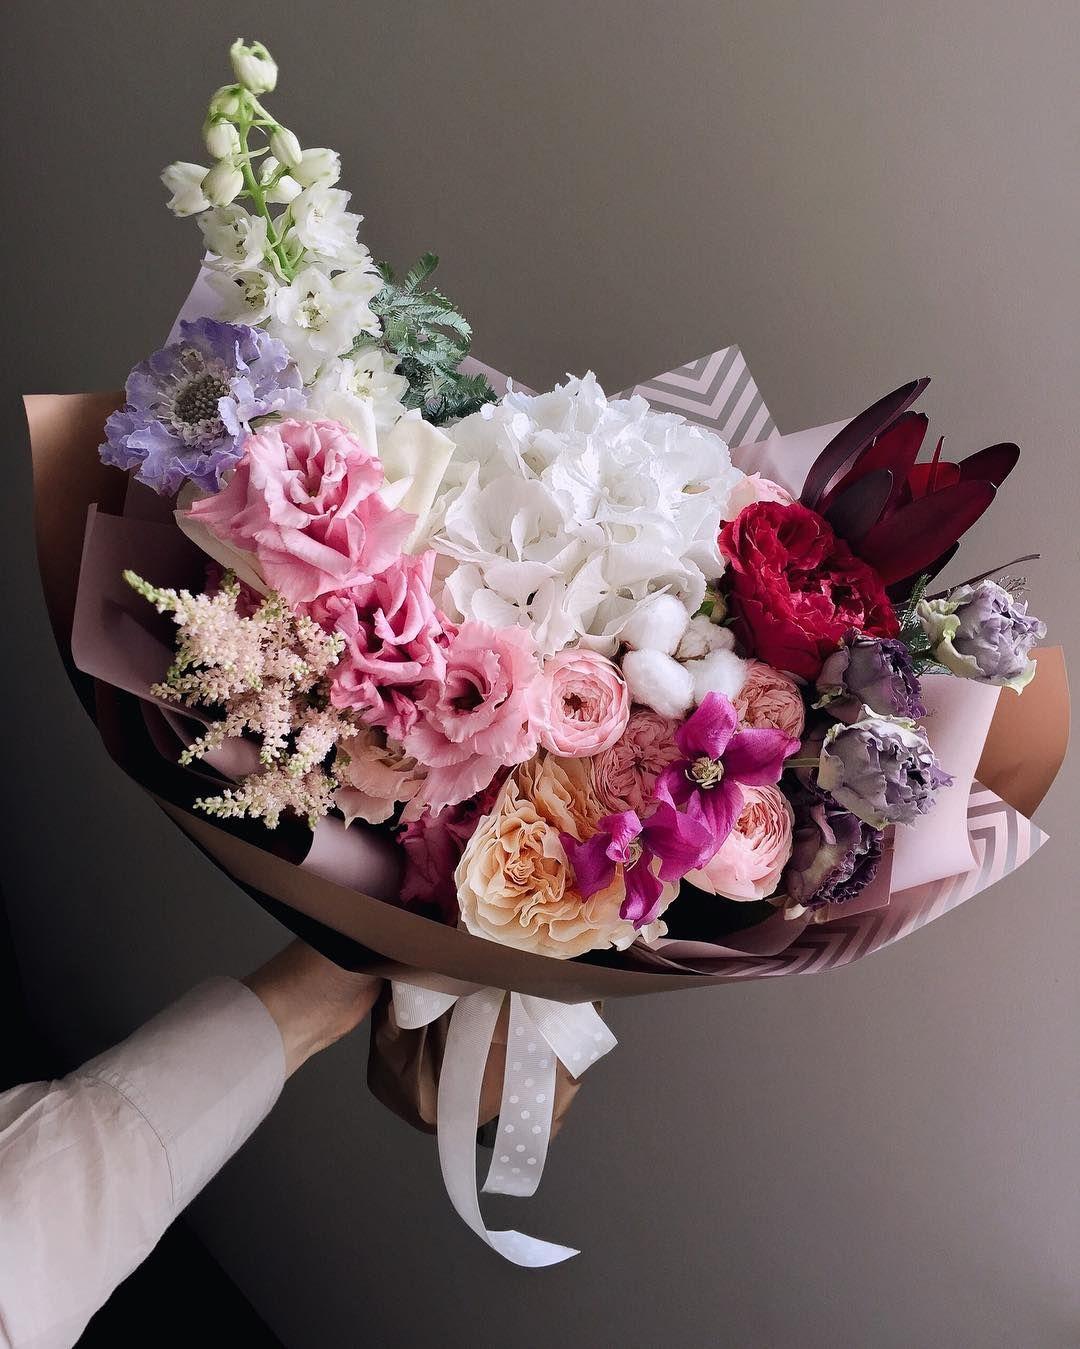 Kogda Cvety Zastavlyayut Vseh Lyudej Ryadom Ulybatsya Kak Sumasshedshih Glaza Ispytavayut Blazhenstvo Ot Sozerc Flowers Bouquet Flower Gift Fresh Flowers Arrangements